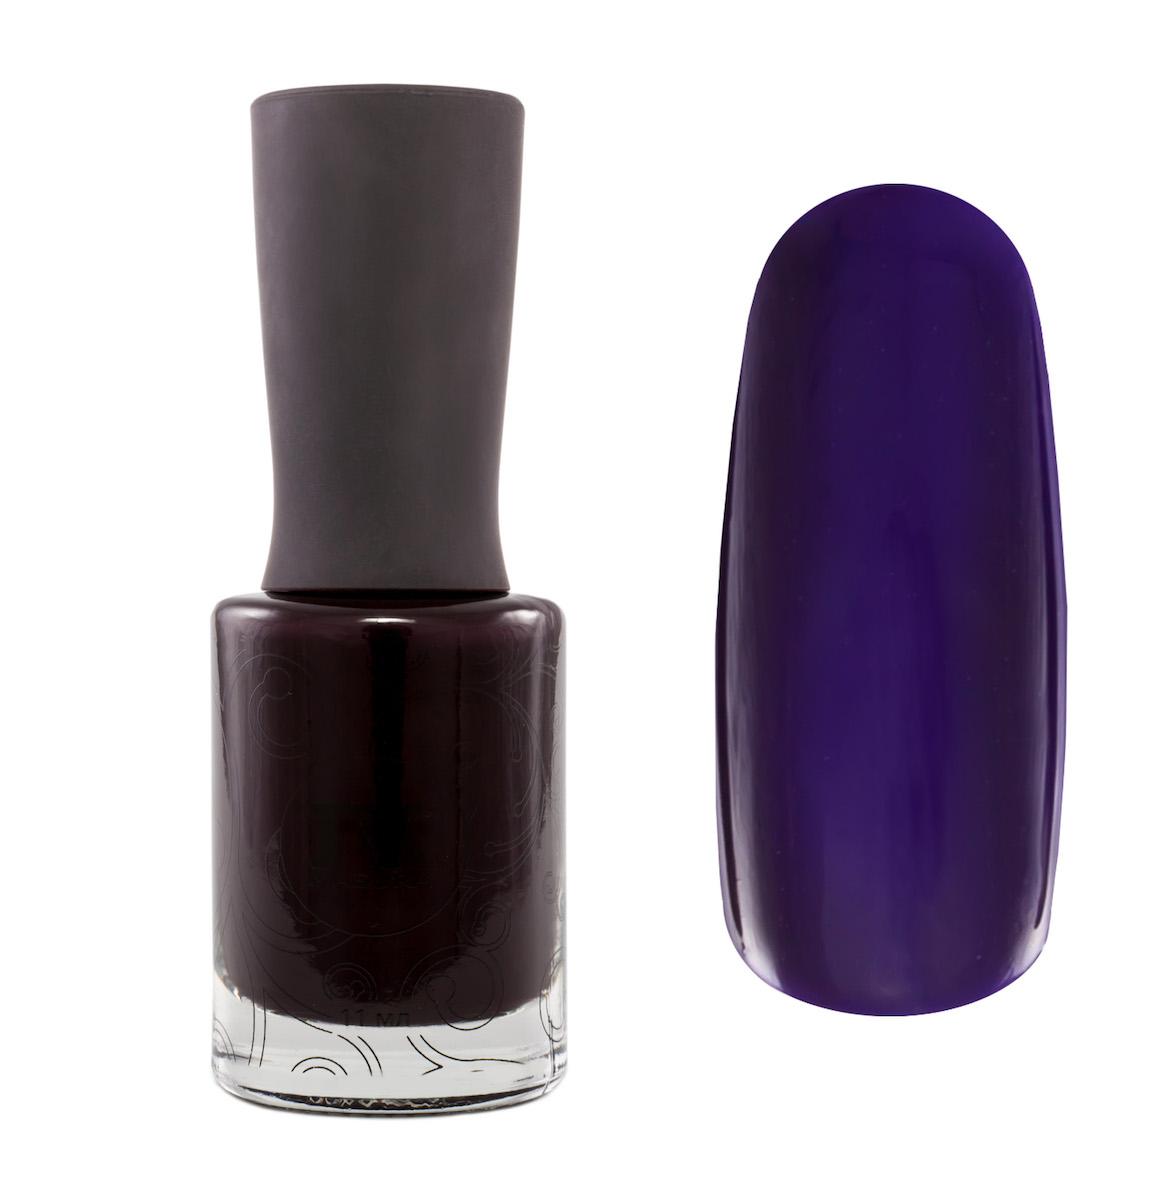 Masura Лак для ногтей Для Него, 11 мл5010777139655чернильный желейный с фиолетовый подтоном, лаковая версия гель-лака MASURA MASCULINE Для Него